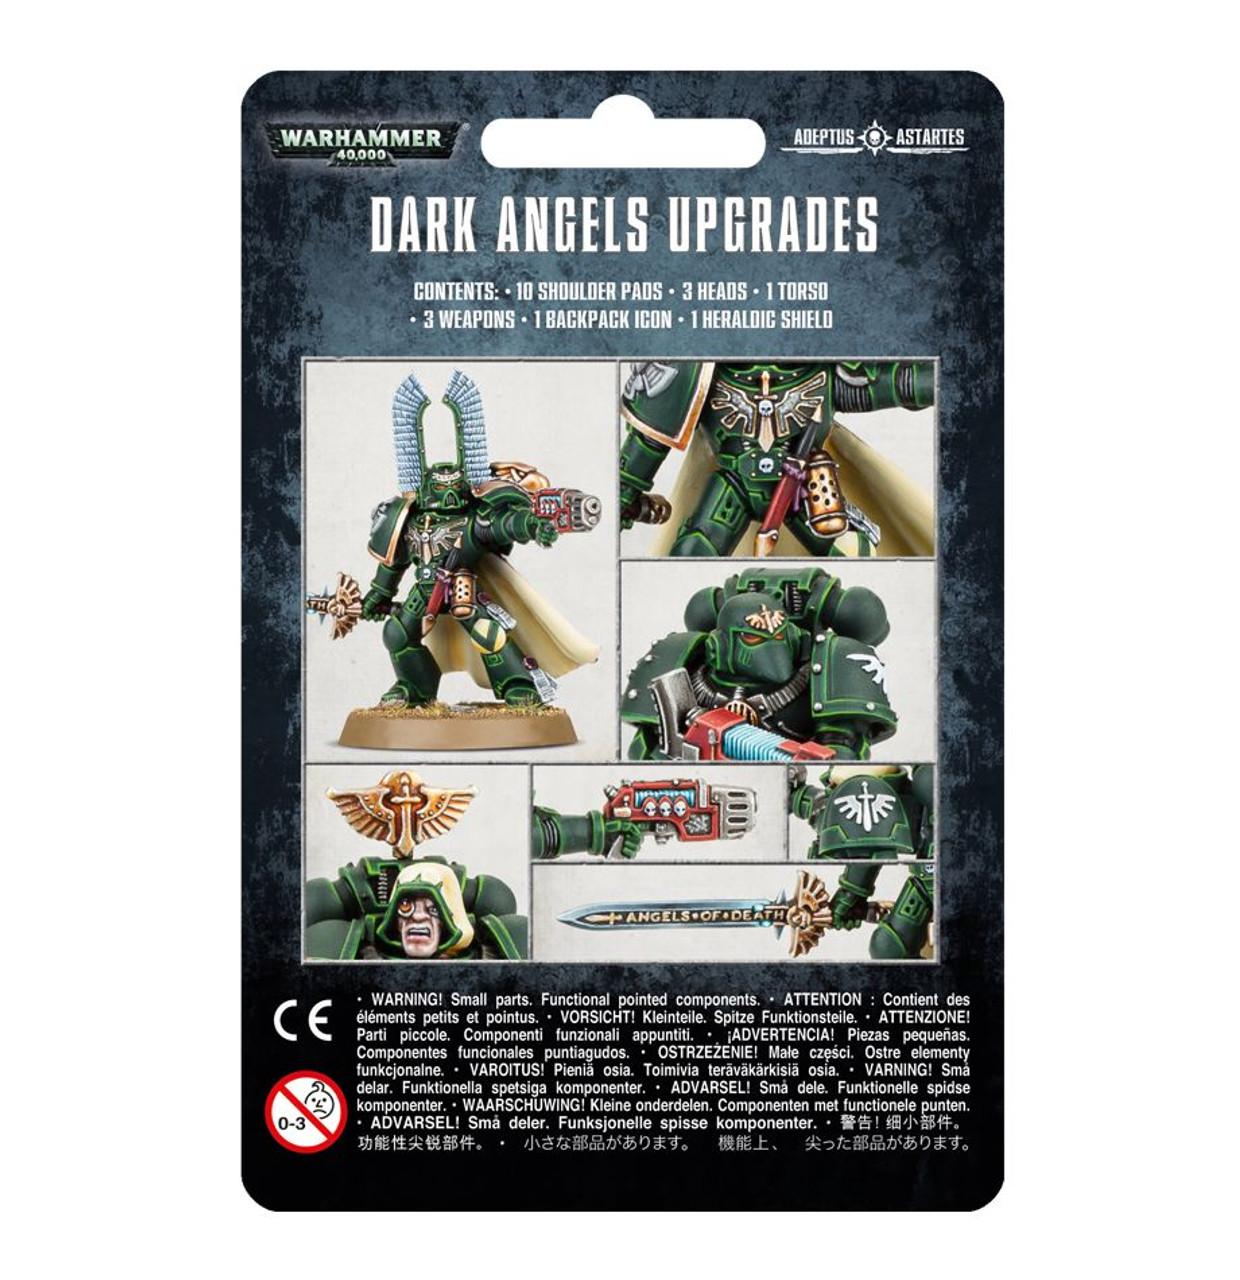 GW44-80  DARK ANGELS UPGRADES